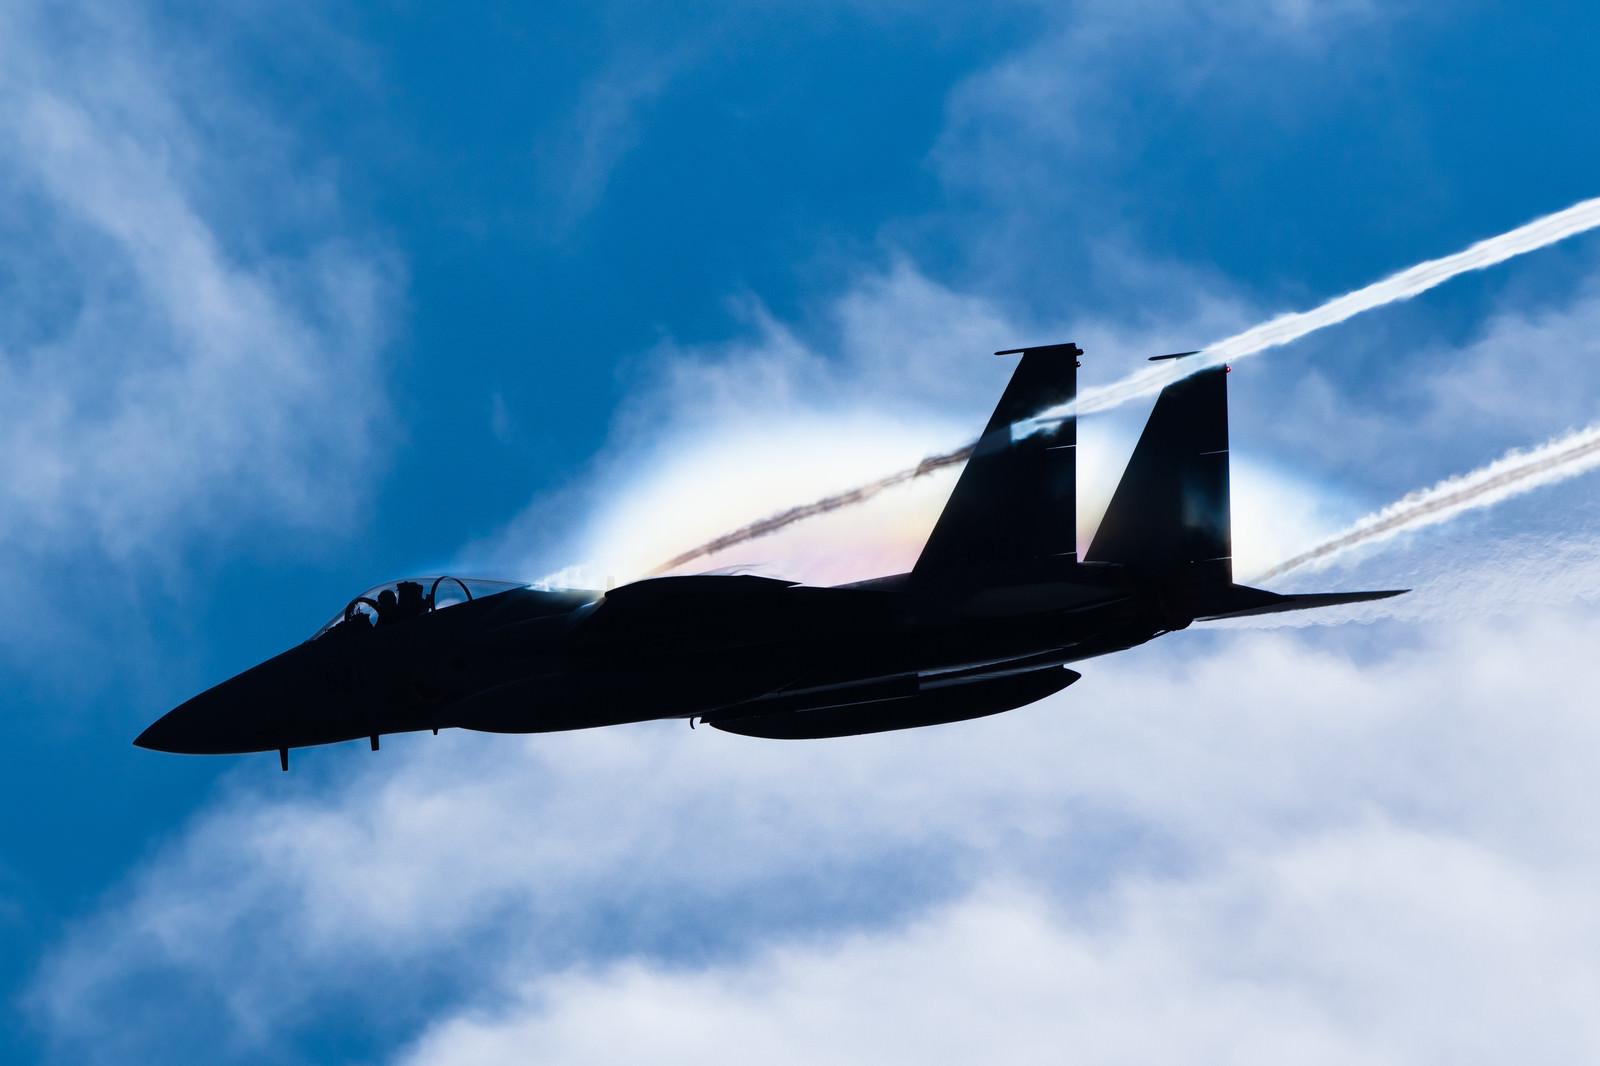 「虹を纏って進む戦闘機のシルエット(F-15)」の写真